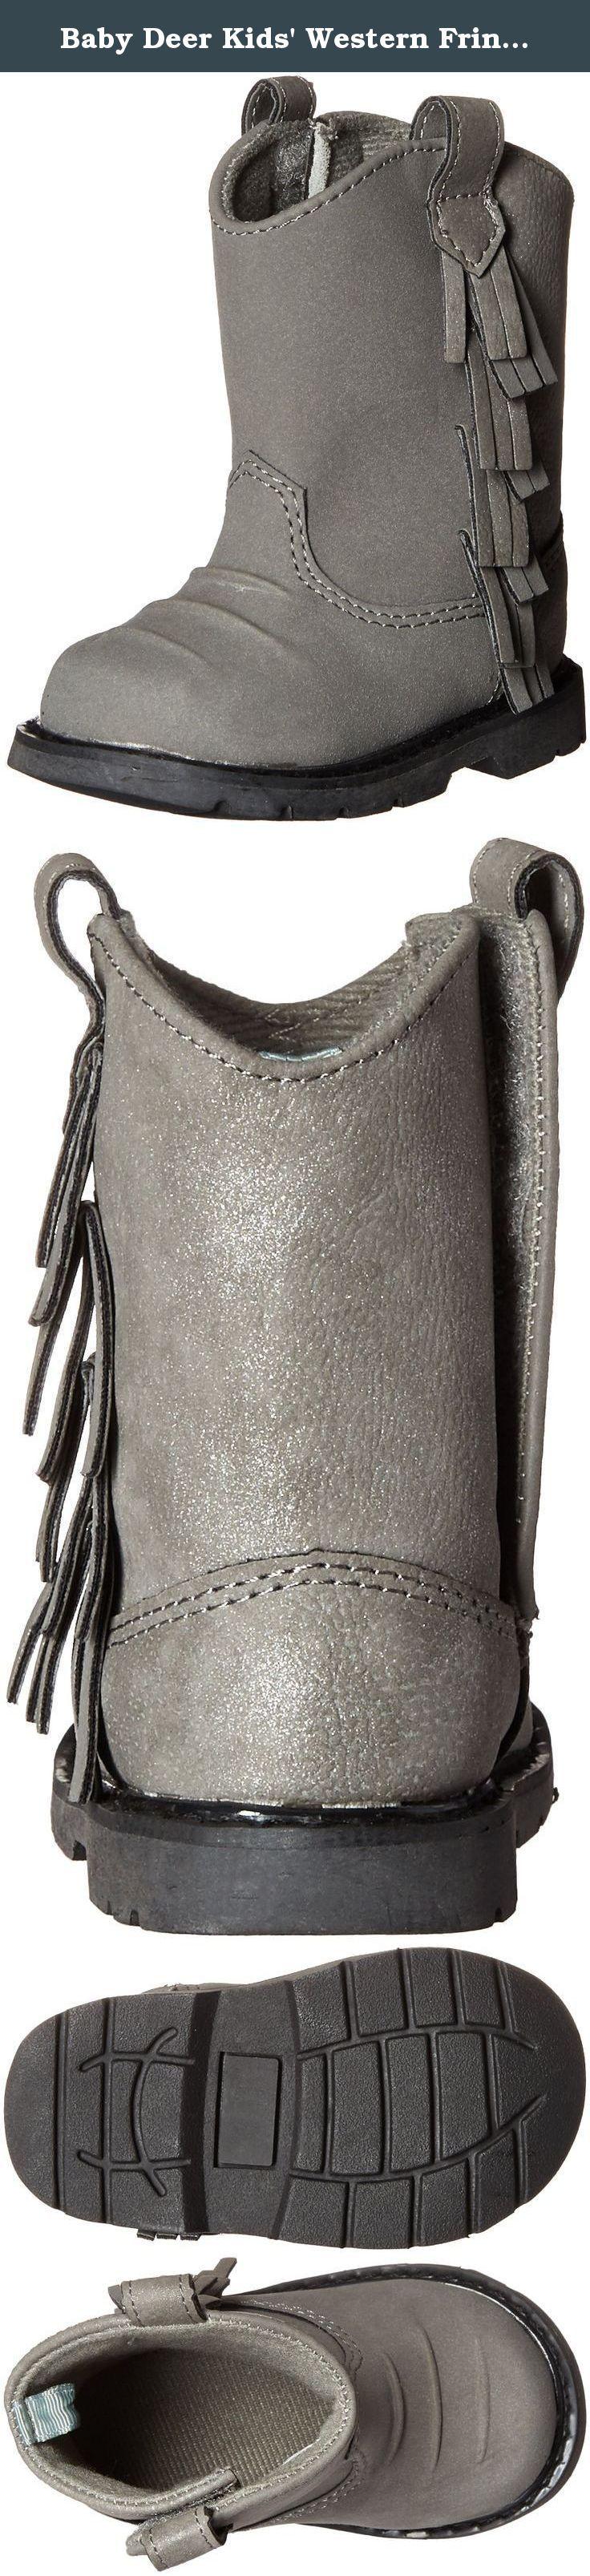 Baby Deer Kids' Western Fringe Boot, Black, 5 M US Toddler. Western boot with fringe.